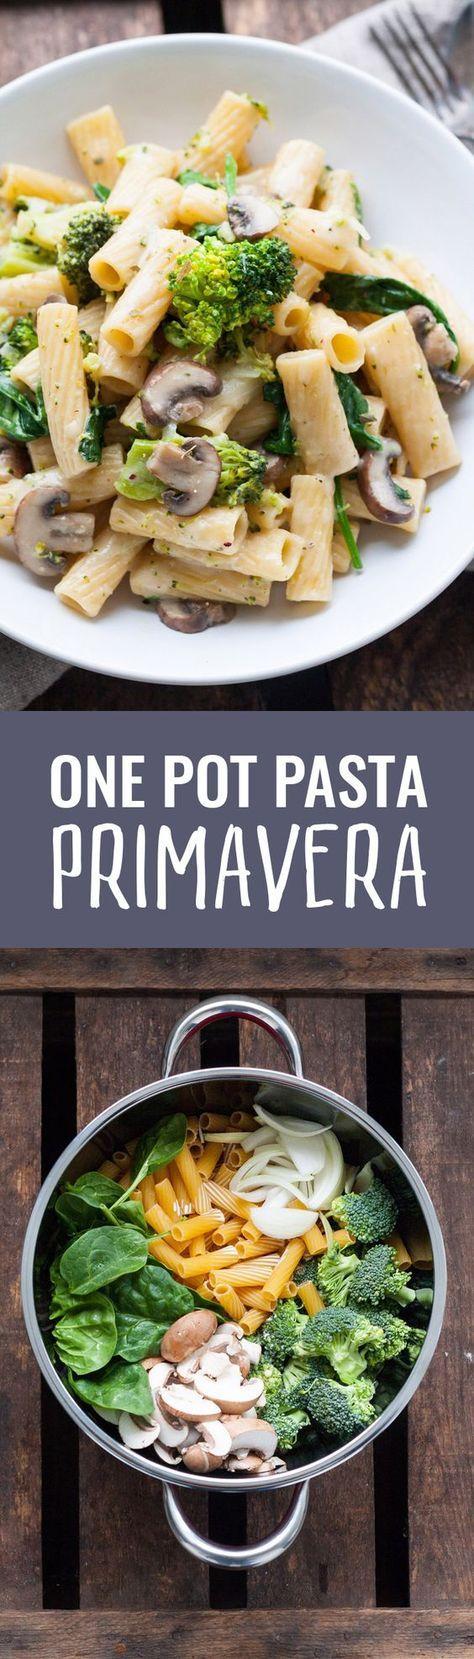 One Pot Pasta Primavera - Schnell und unglaublich lecker - Kochkarussell